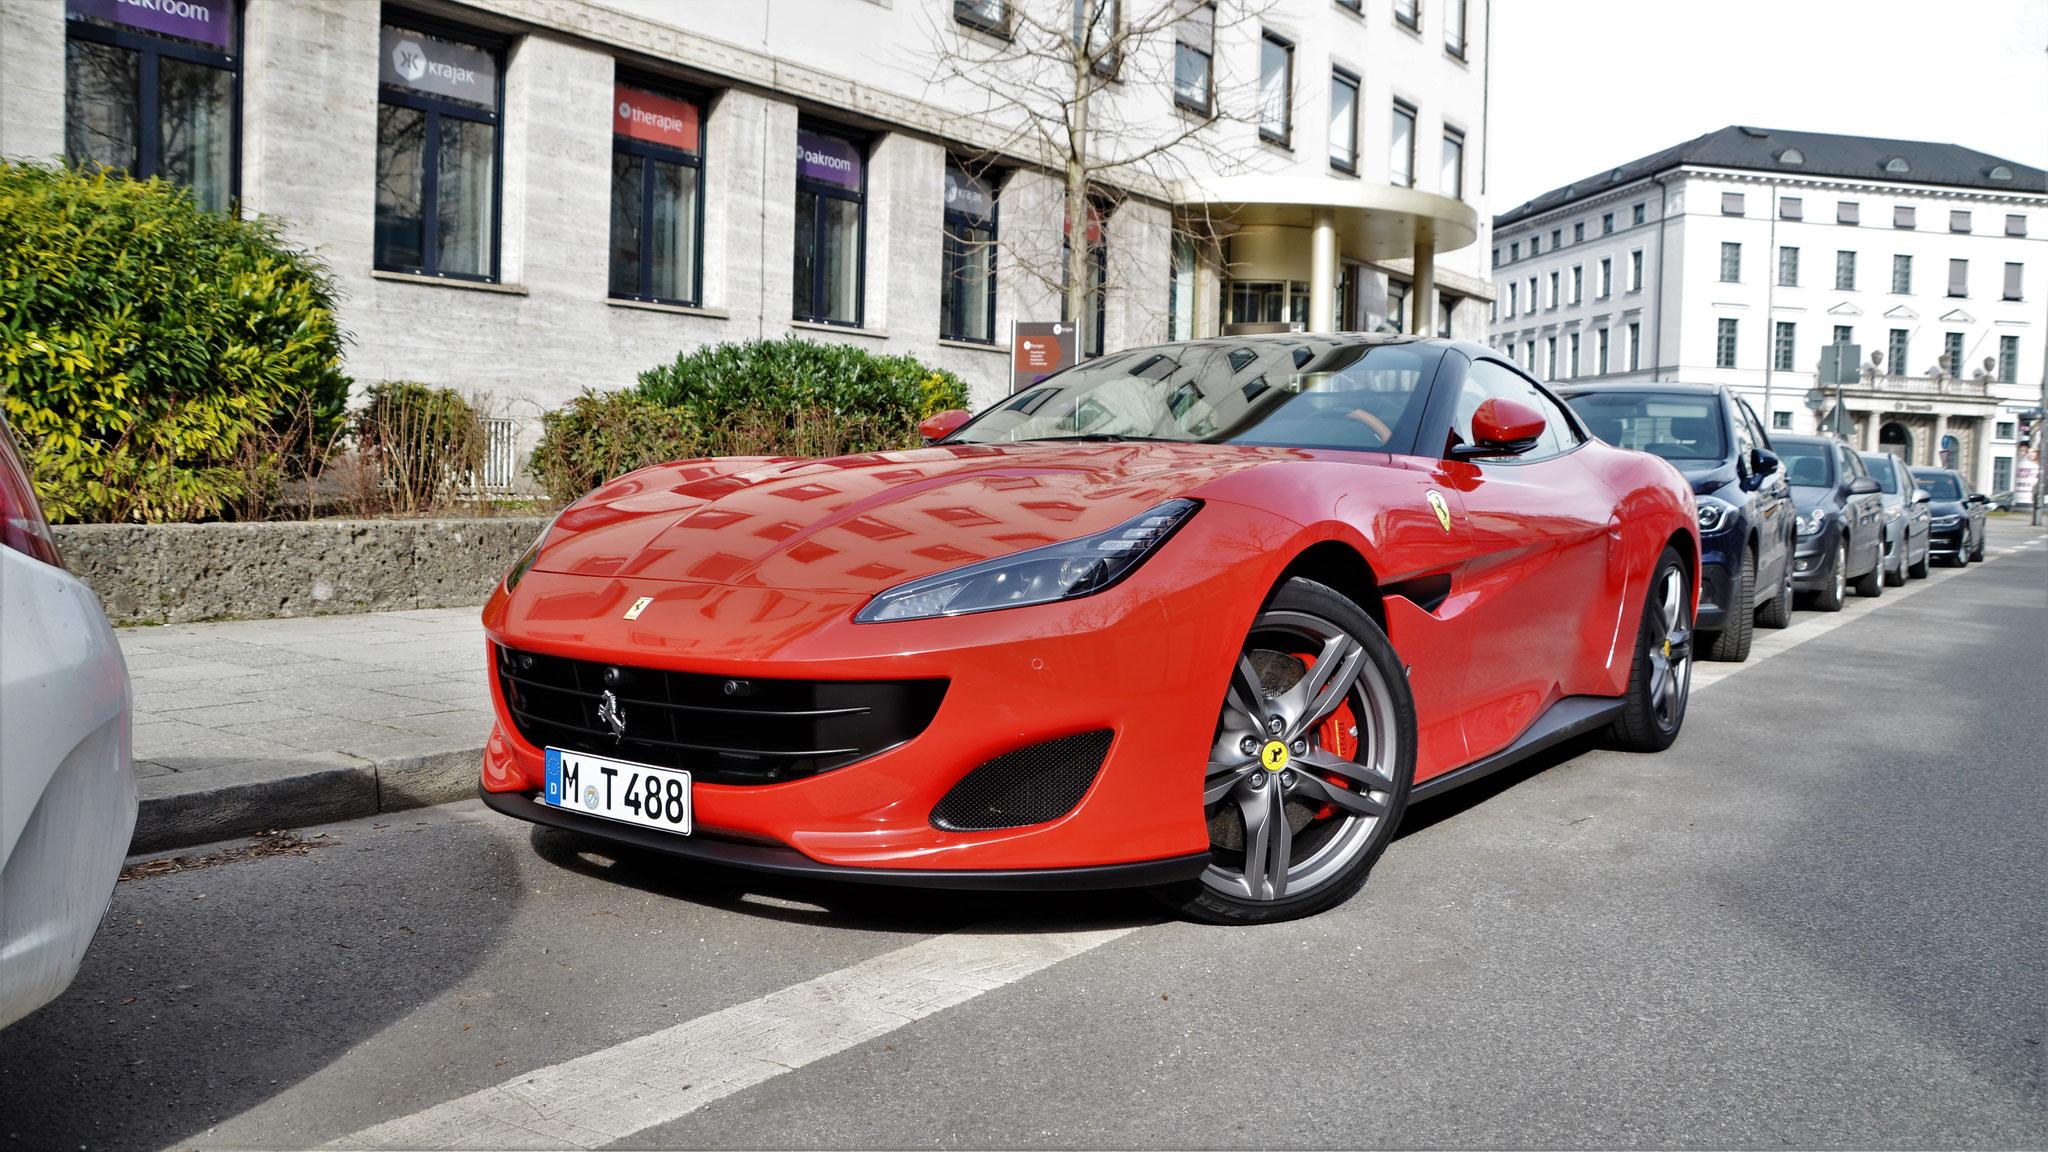 Ferrari Portofino - M-T-488